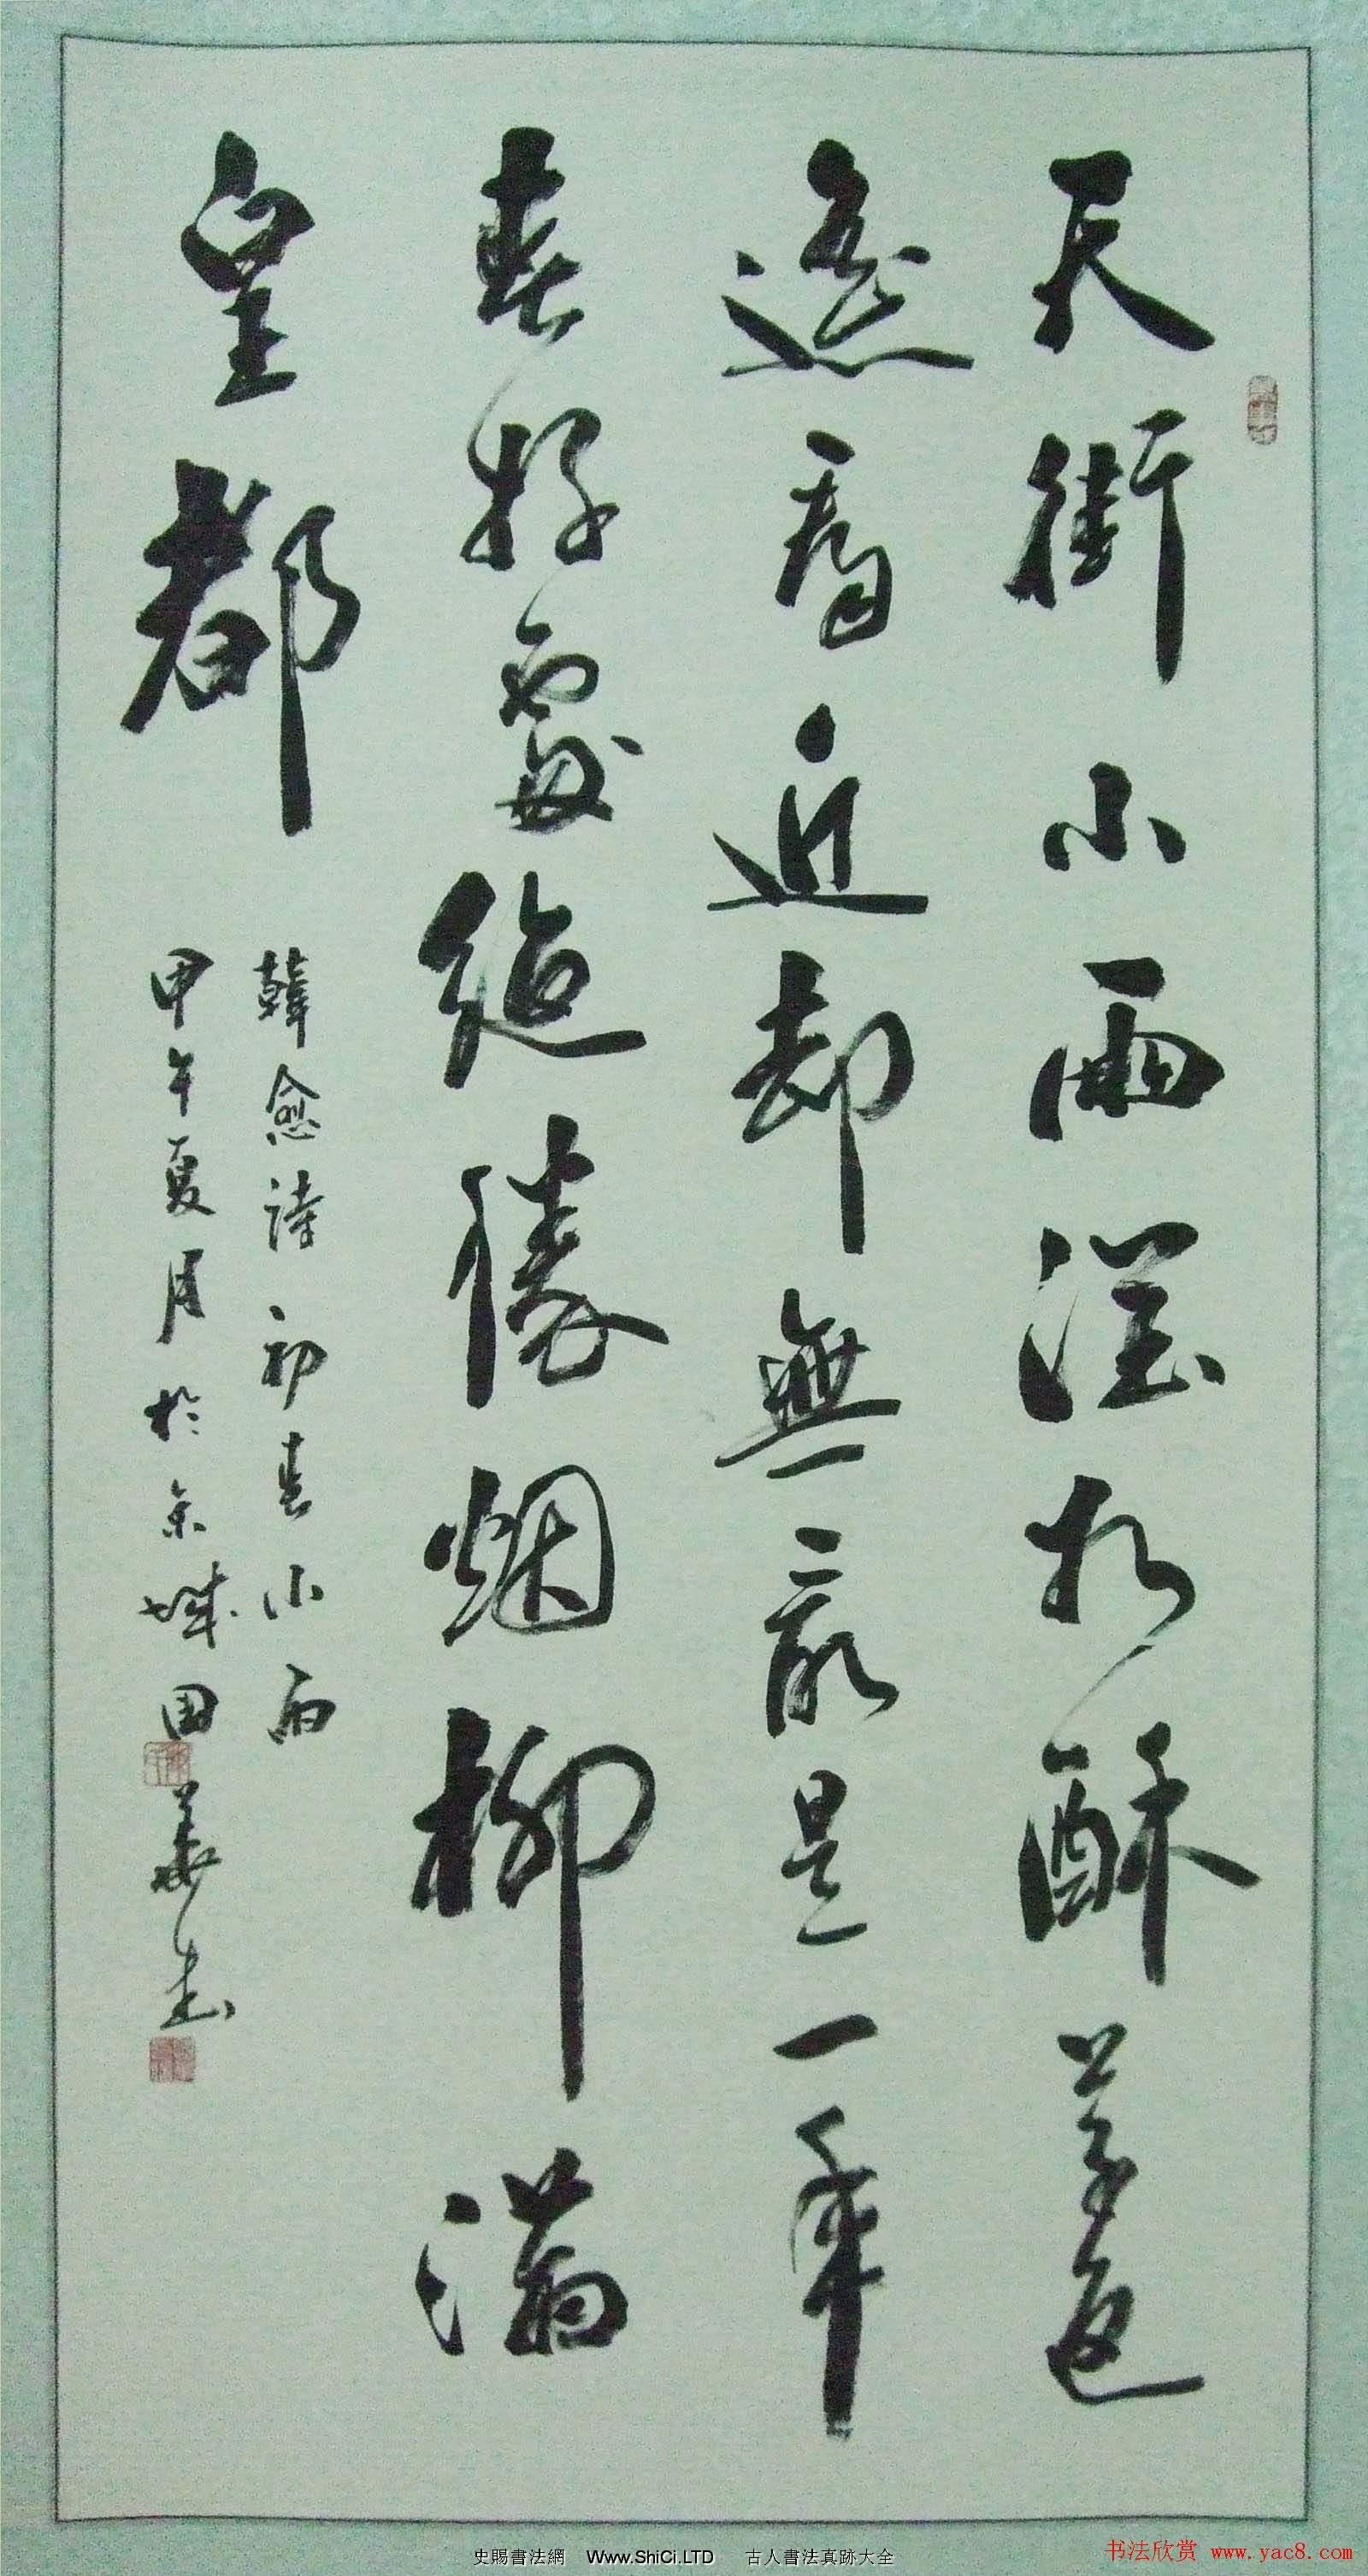 第十七屆北京書法篆刻精品展入展作品真跡欣賞(共50張圖片)